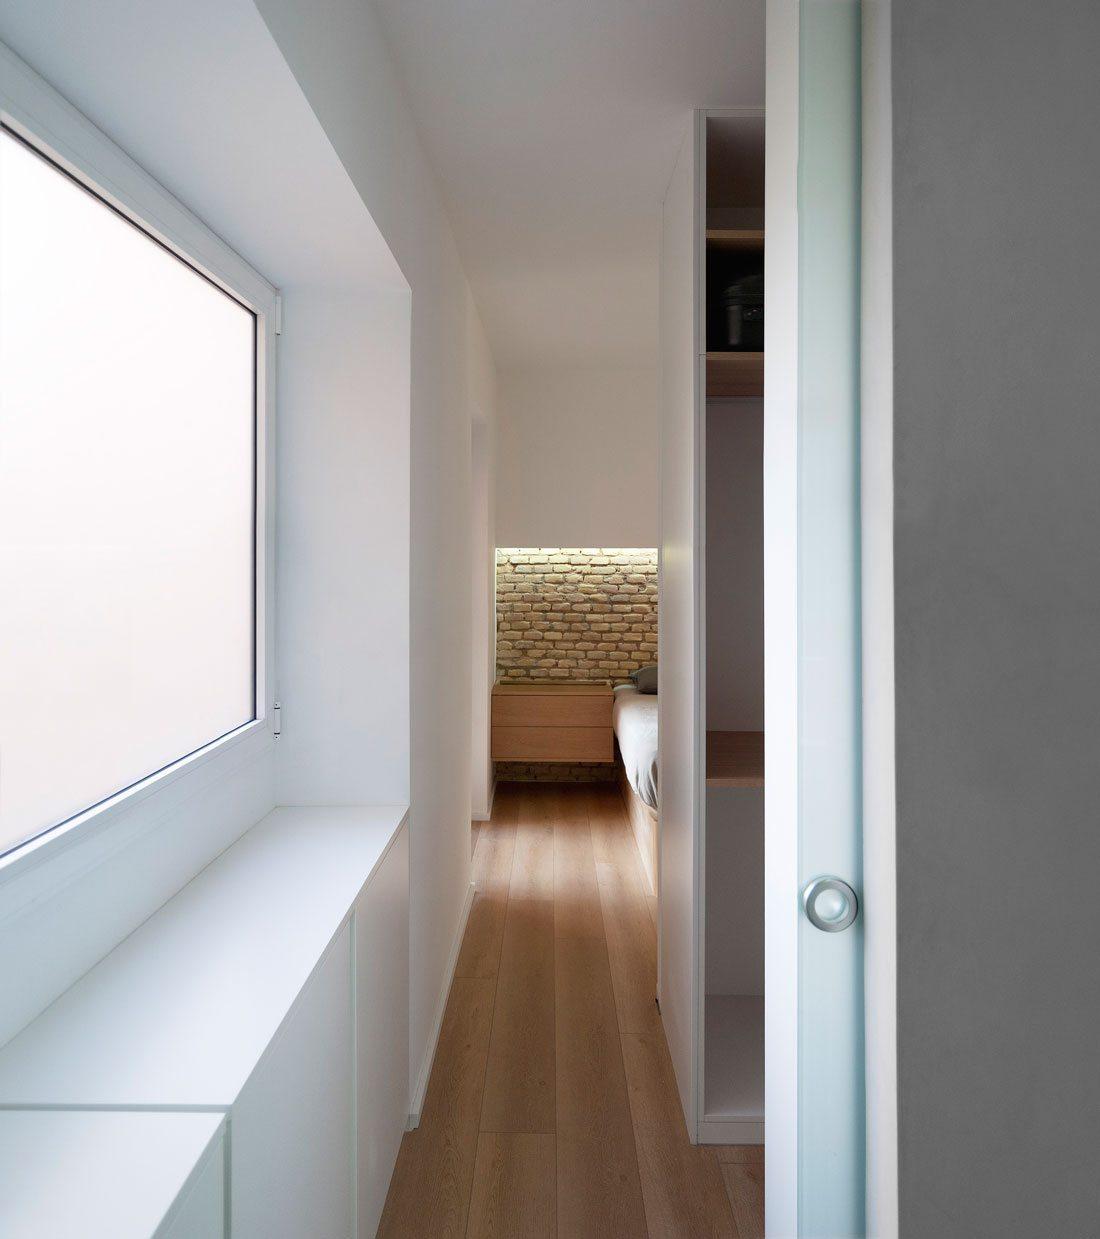 casa uno. interiorismo por arquitectos.